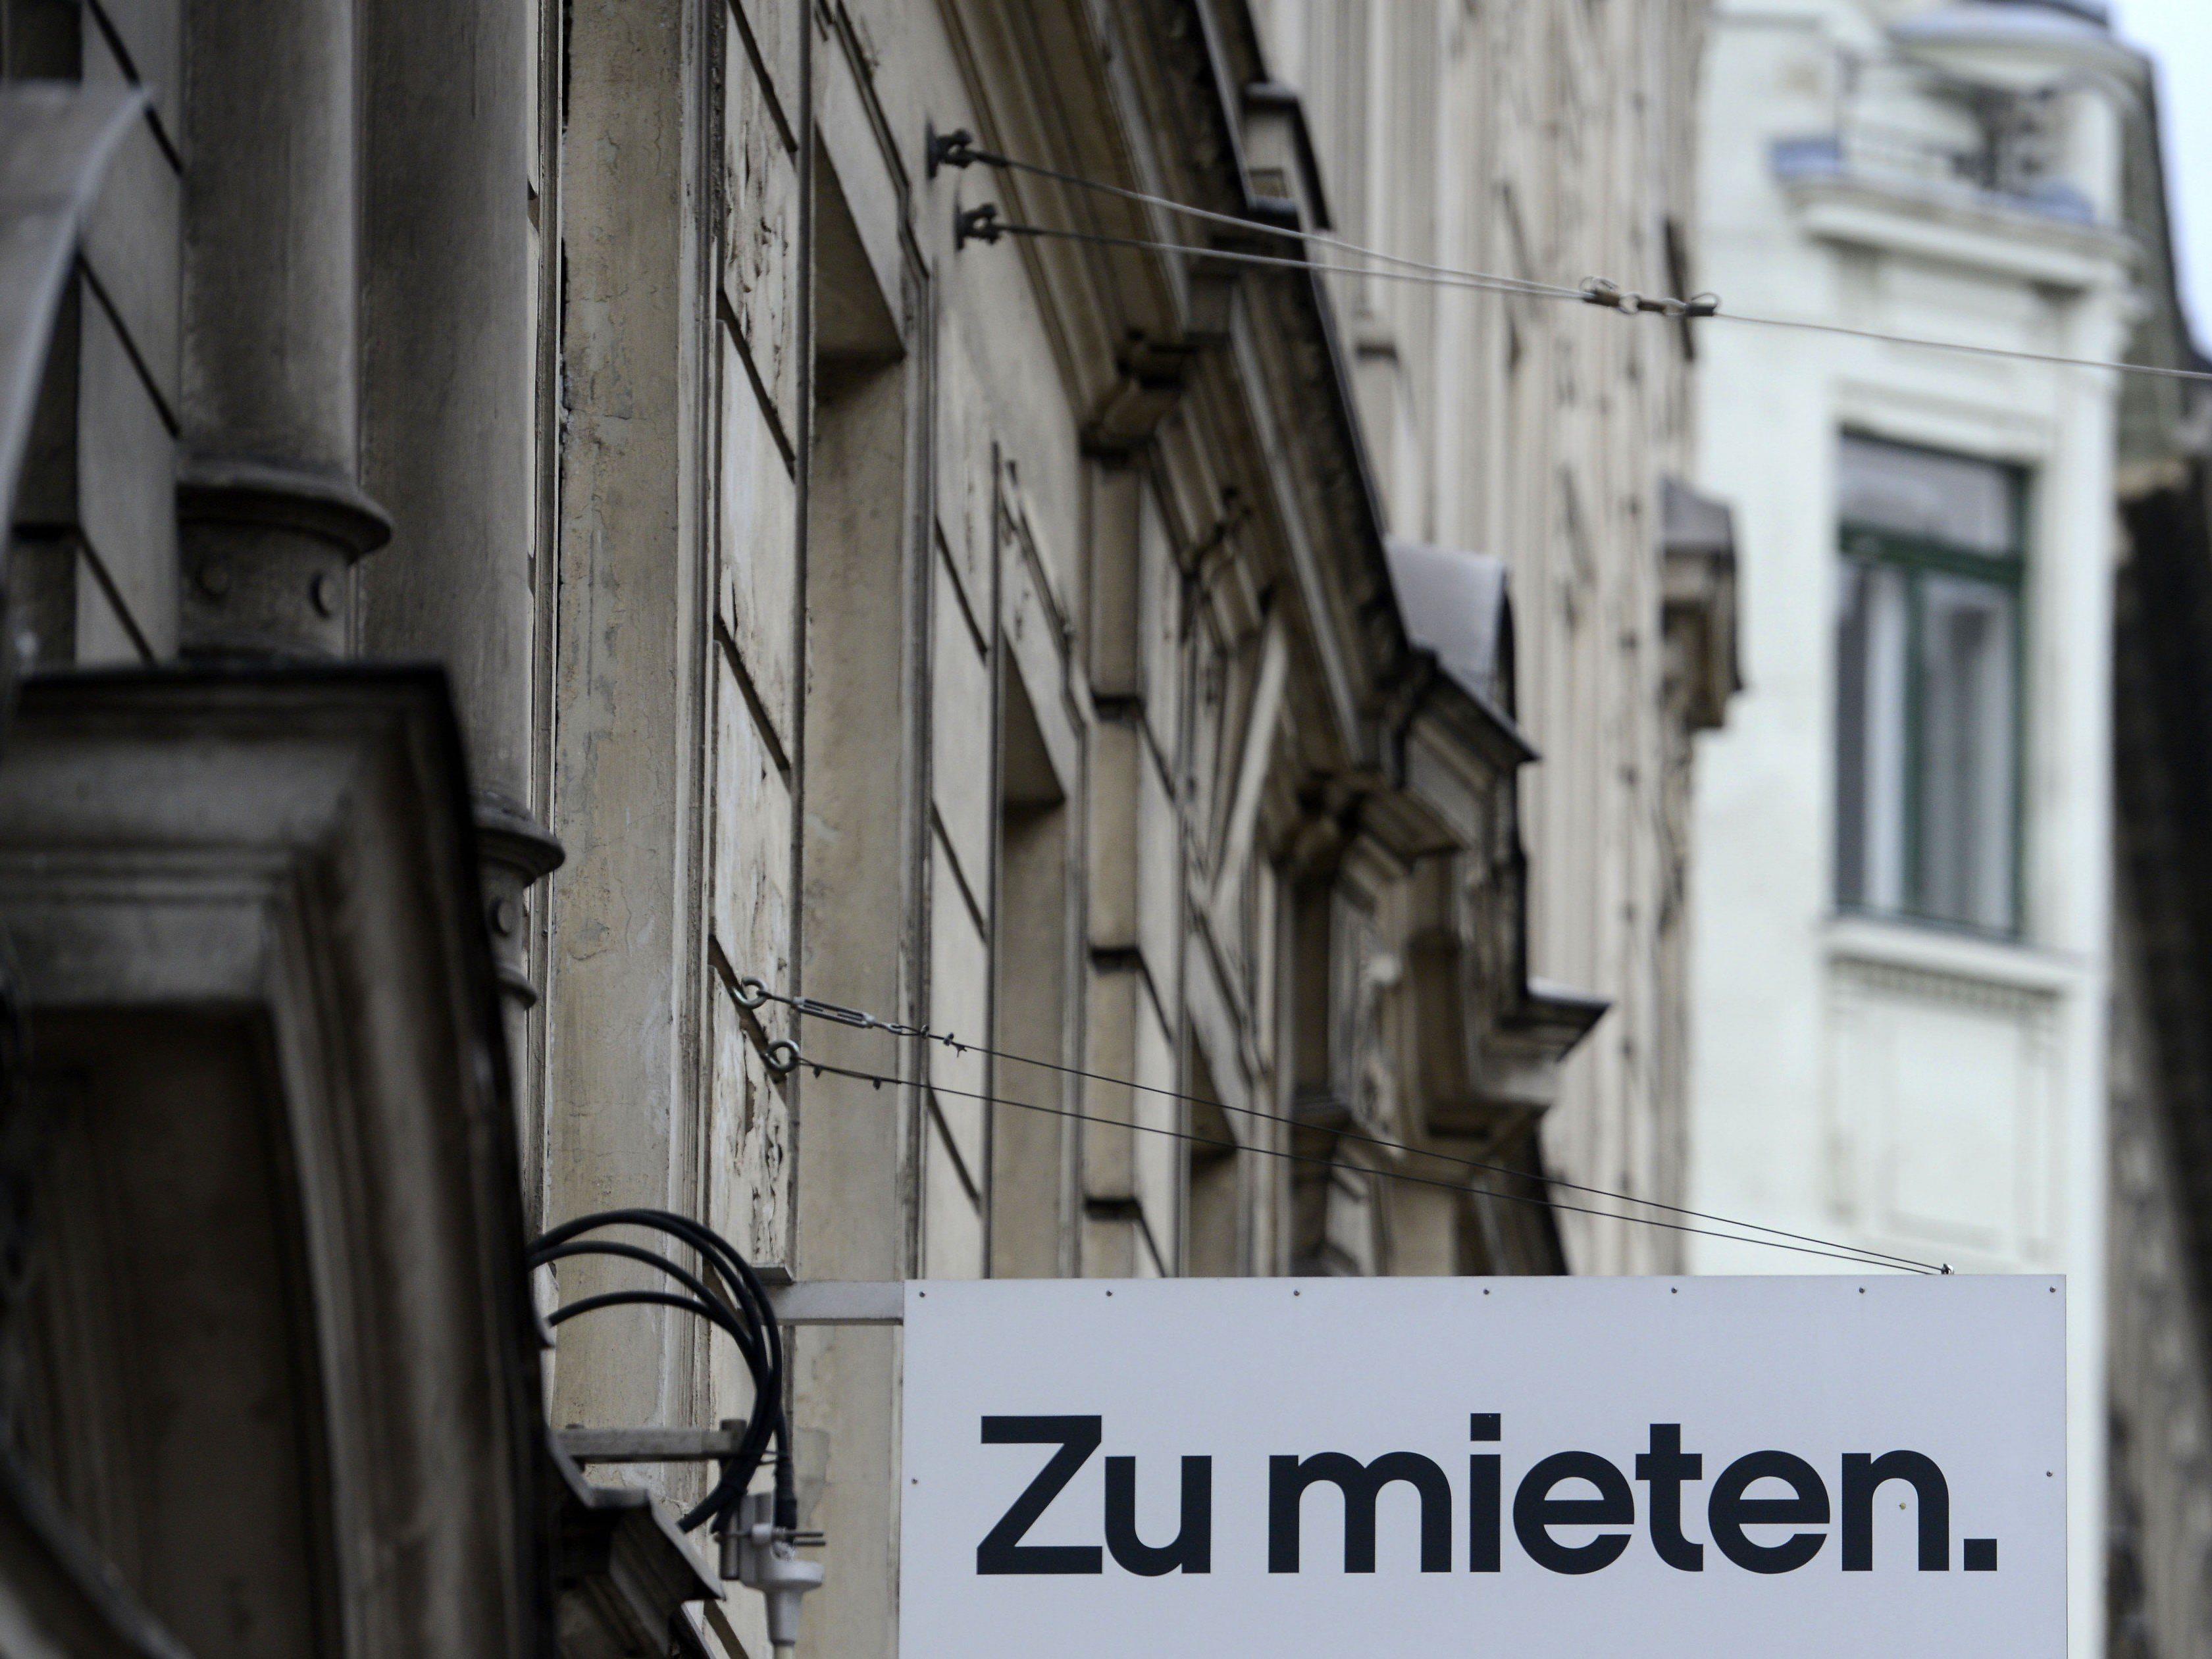 Günstige Wohnungen: Neue Info-Zentrale soll Wienern Suche erleichtern